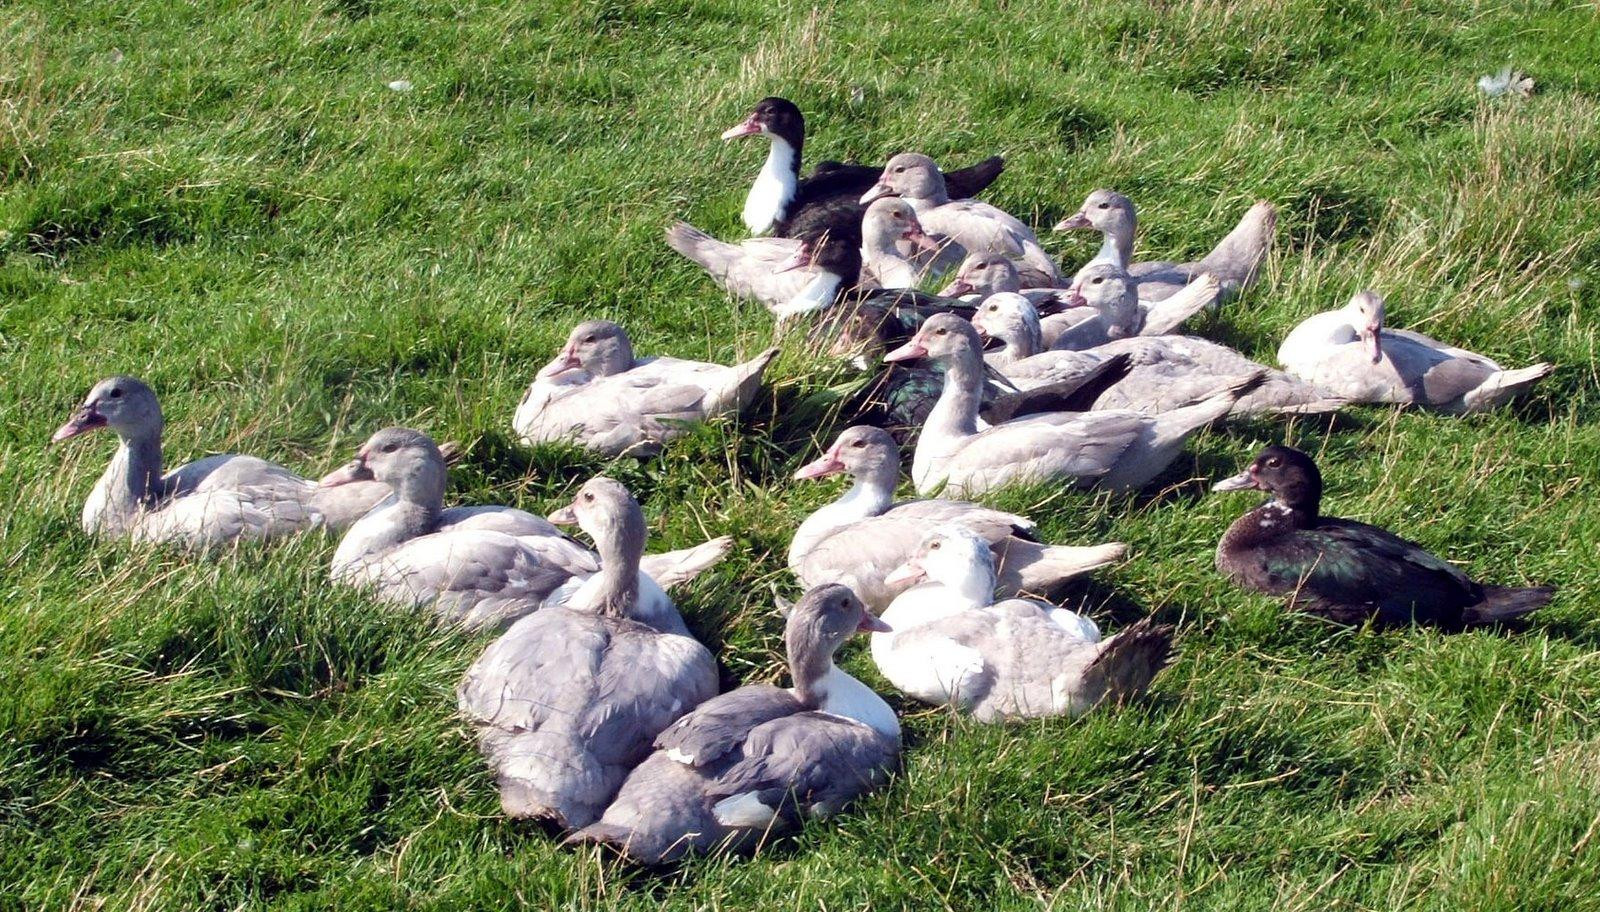 [ducklings-august-2008.jpg]